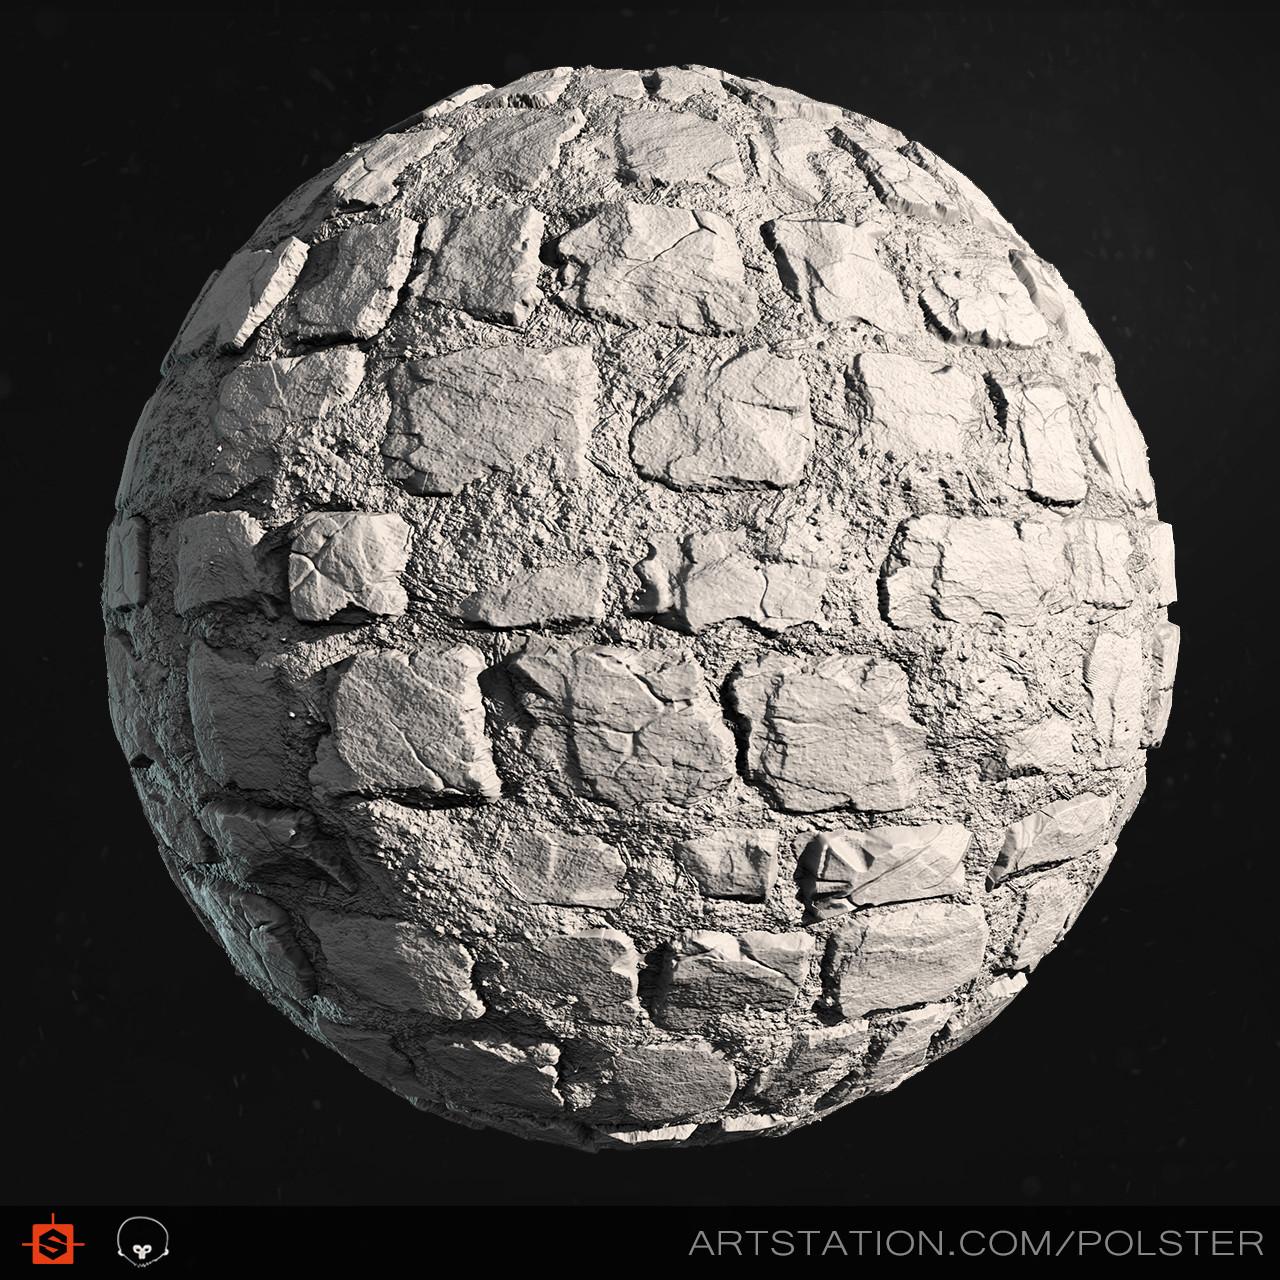 Stefan polster rough cobblestone sphere